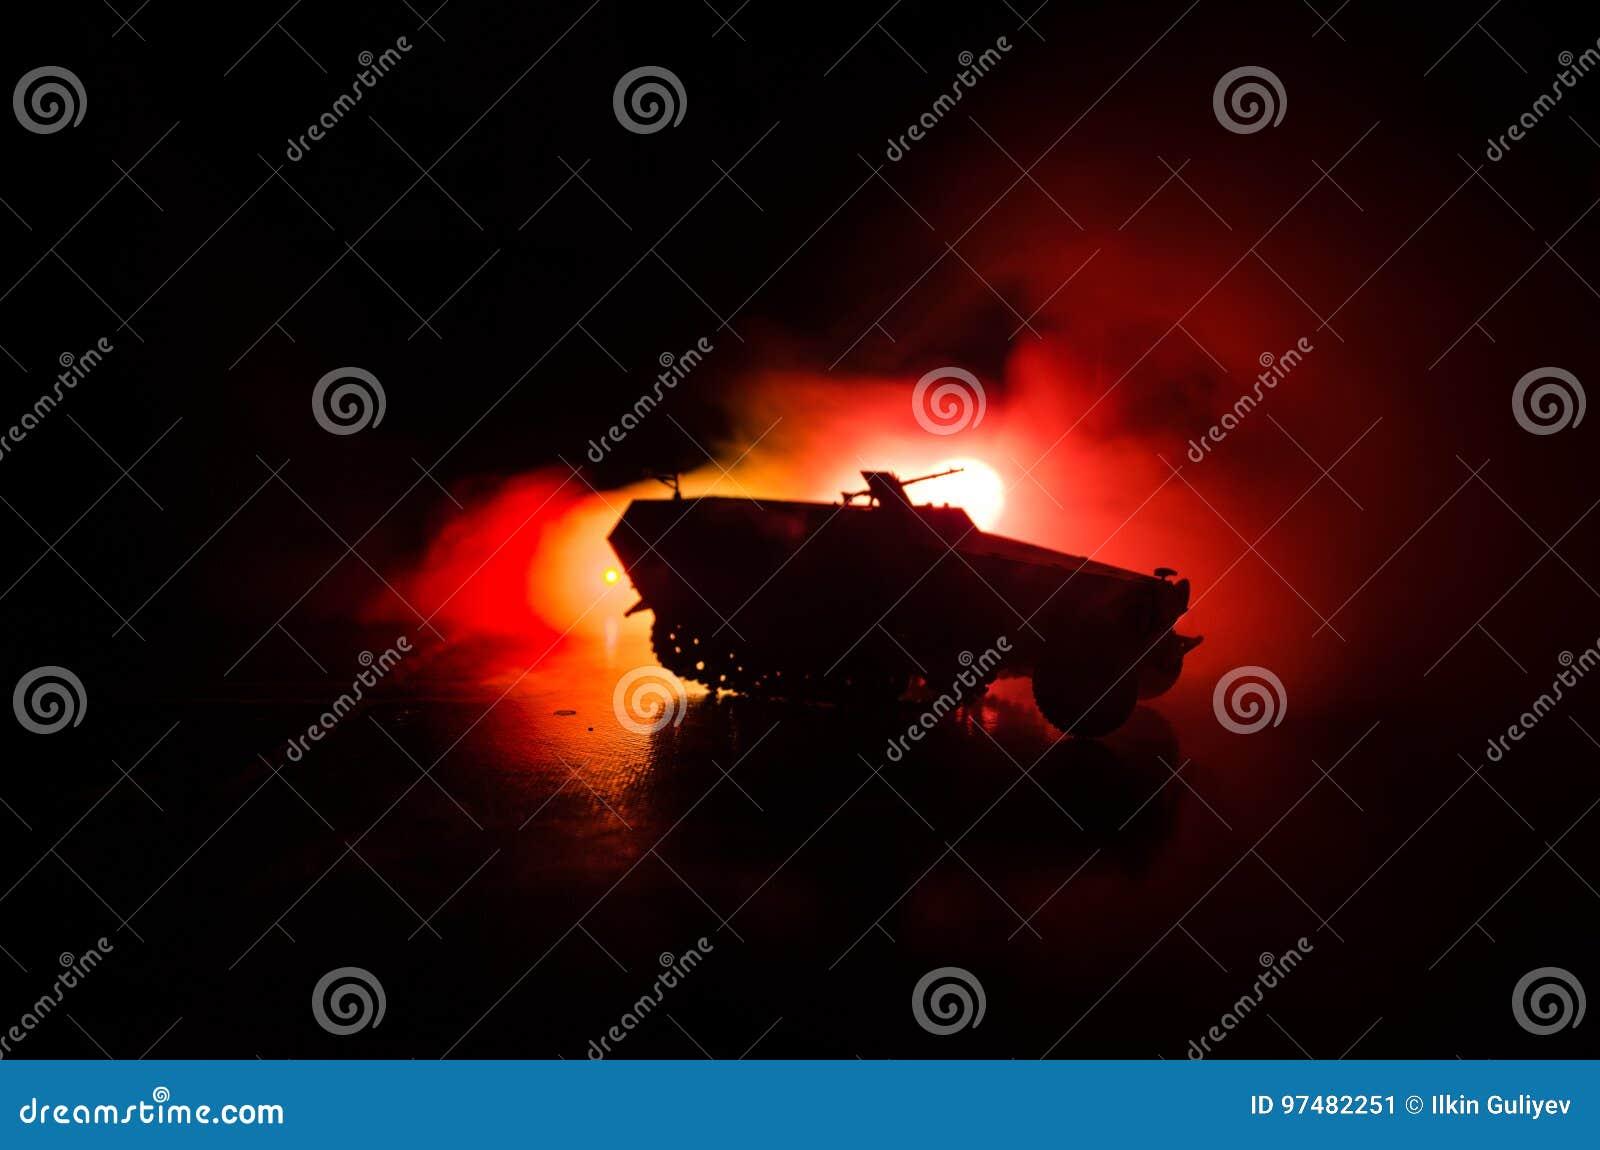 Concetto di guerra Siluette militari che combattono scena sul fondo del cielo della nebbia di guerra, siluette tedesche dei carri